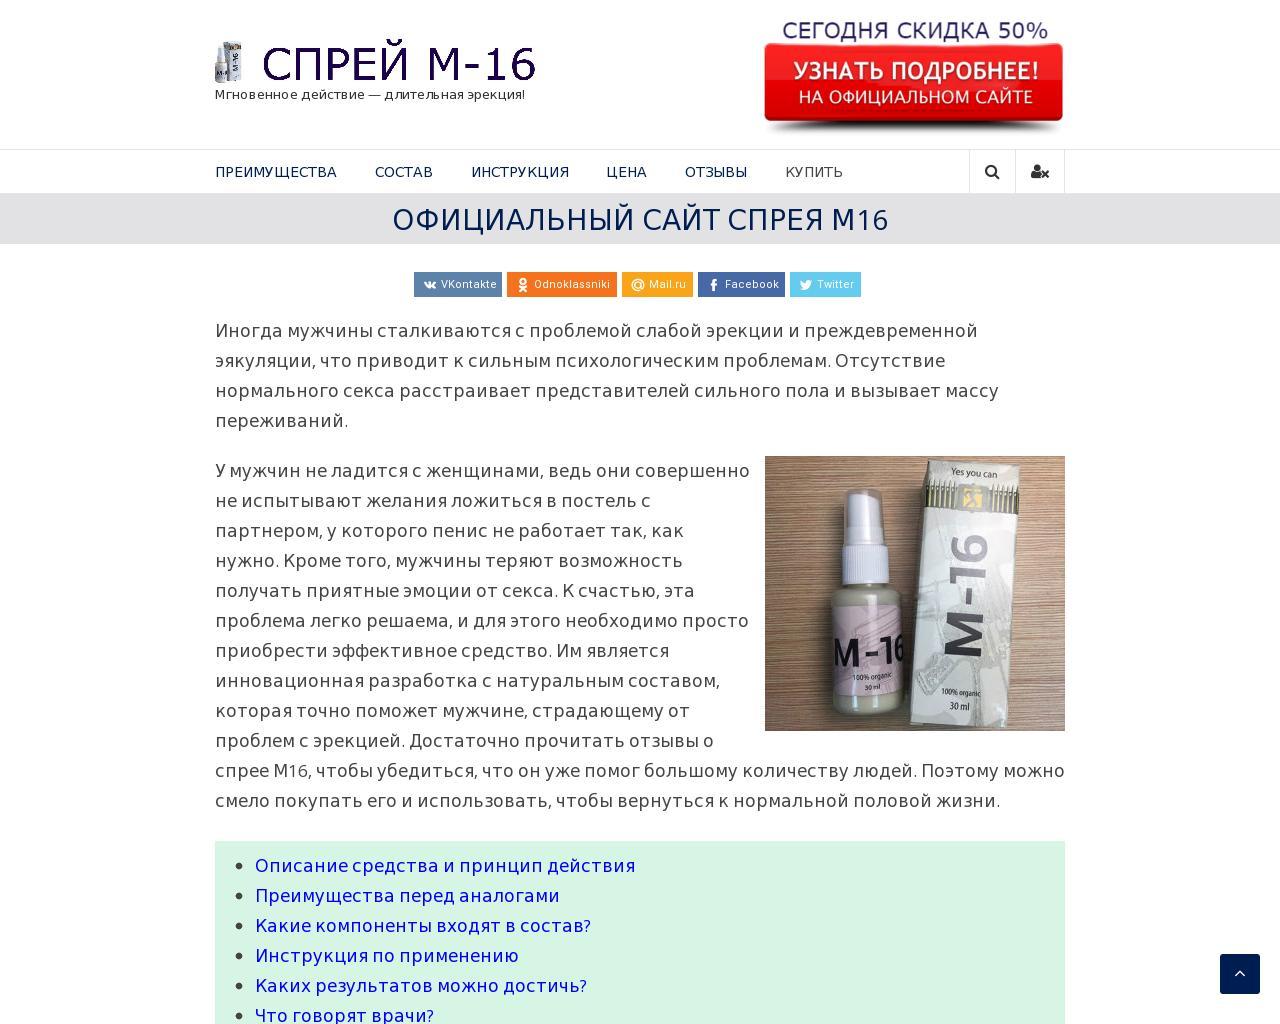 Спрей м16 отзывы форум украина